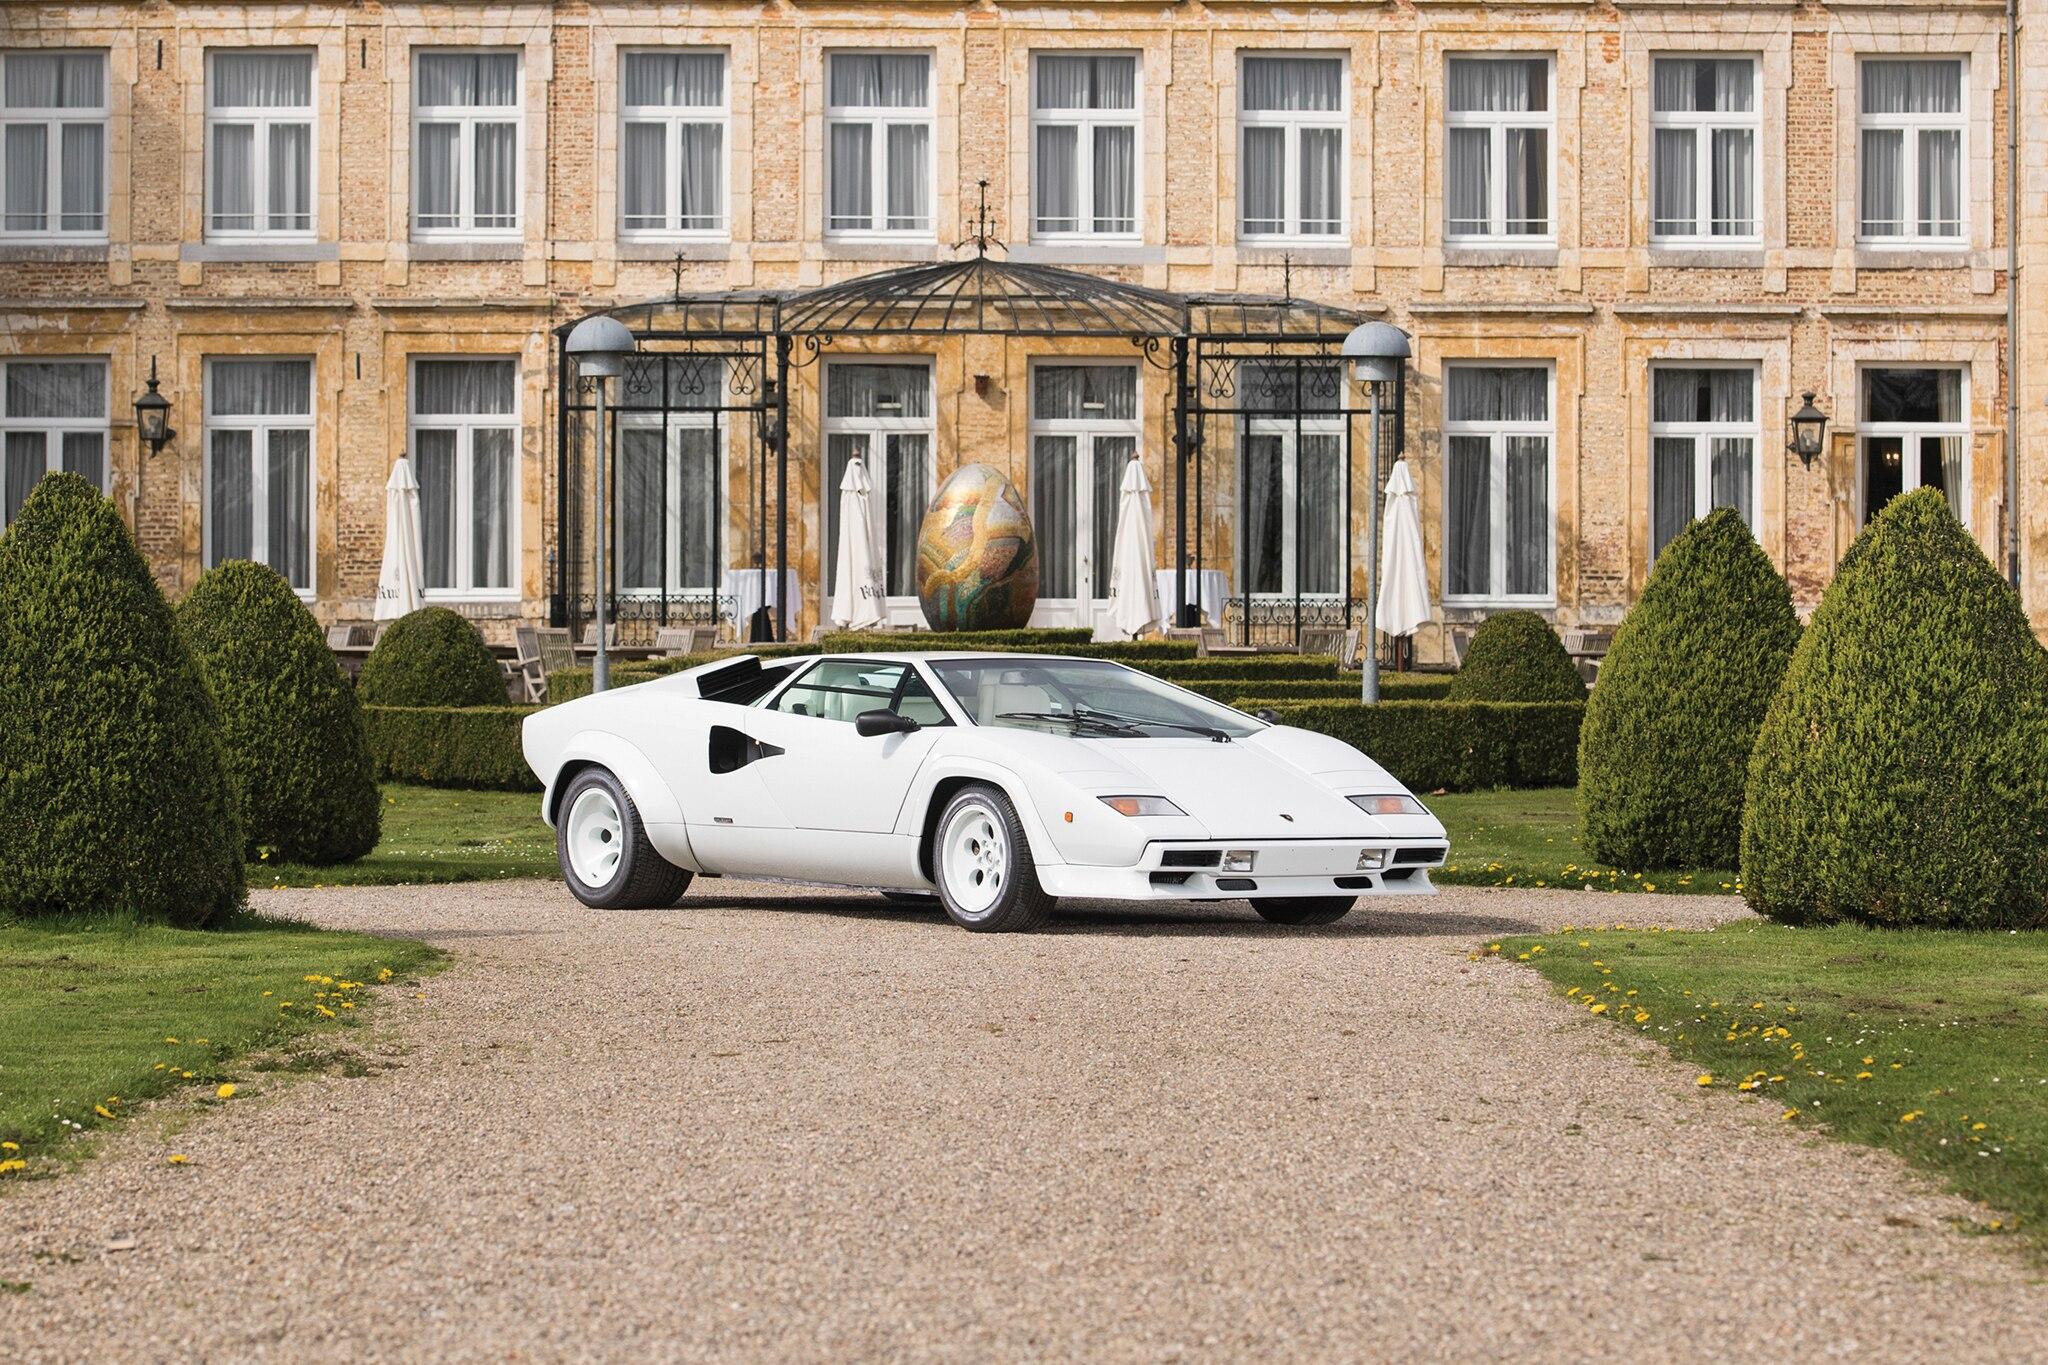 1987-Lamborghini-Countach-5000-QV-RM-Sothebys-Front-Three-Quarters Extraordinary Lamborghini Countach 5000 Quattrovalvole Specs Cars Trend